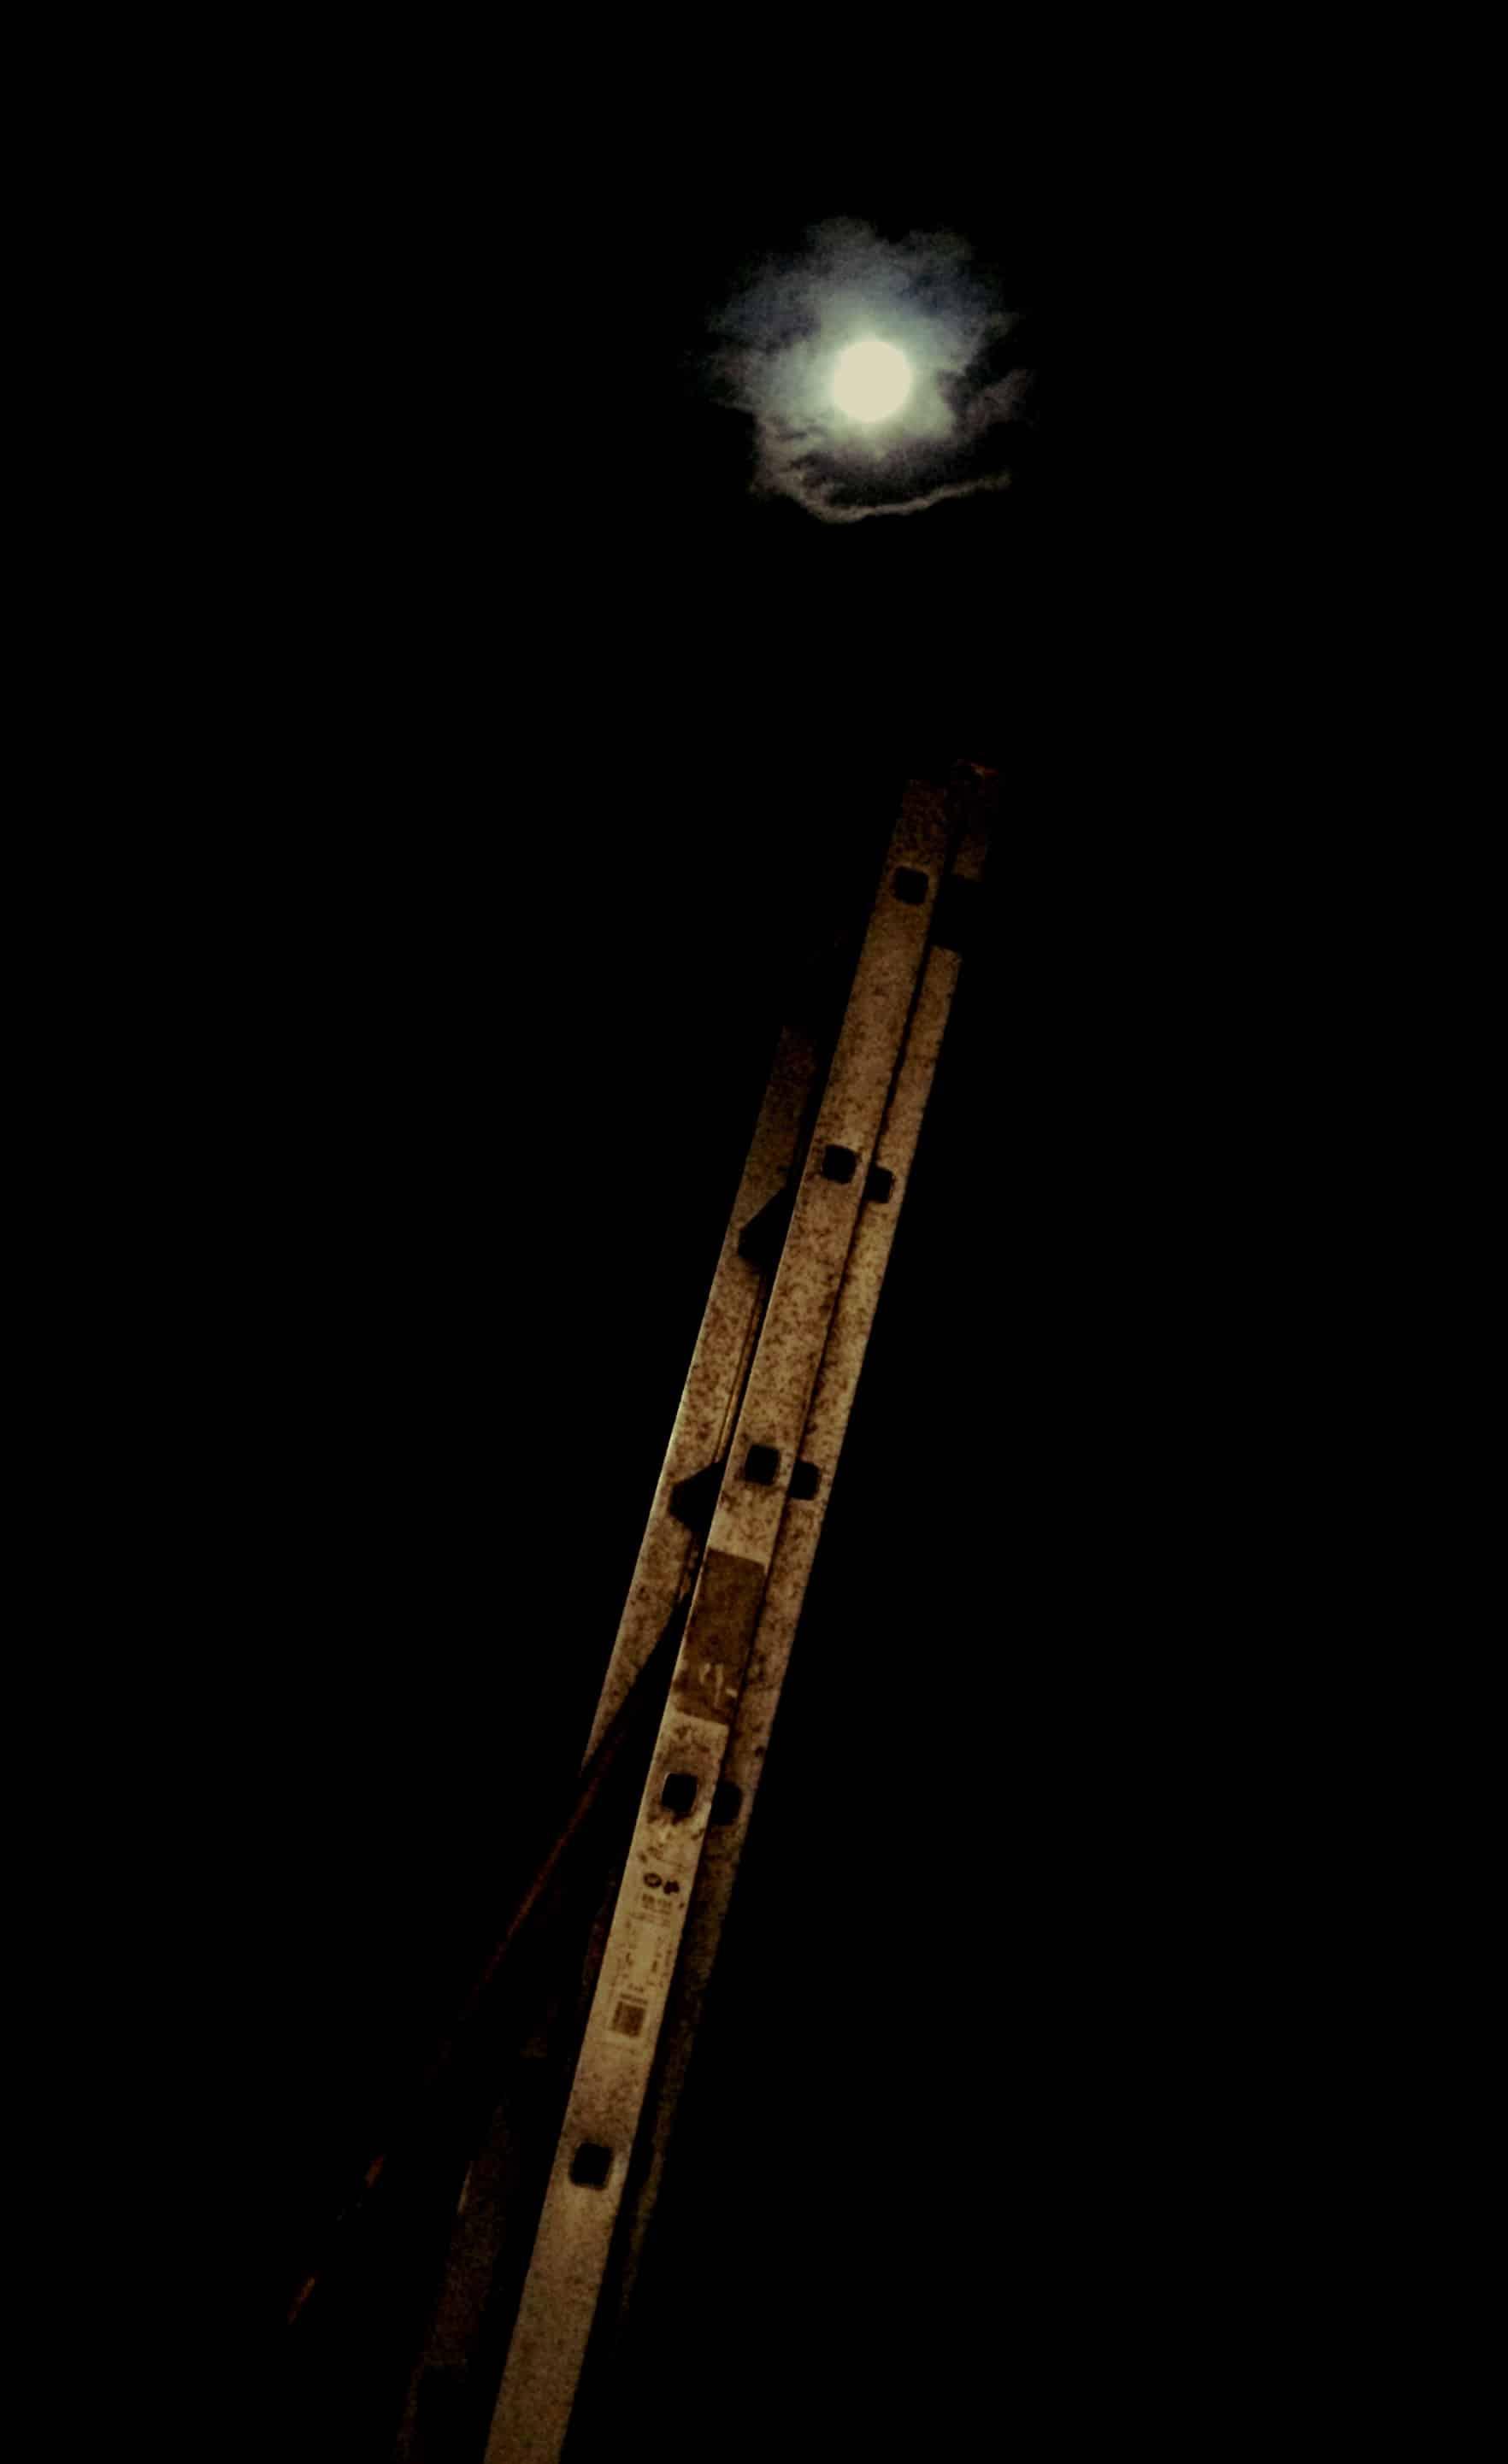 Un échelle et une lune en pleine nuit